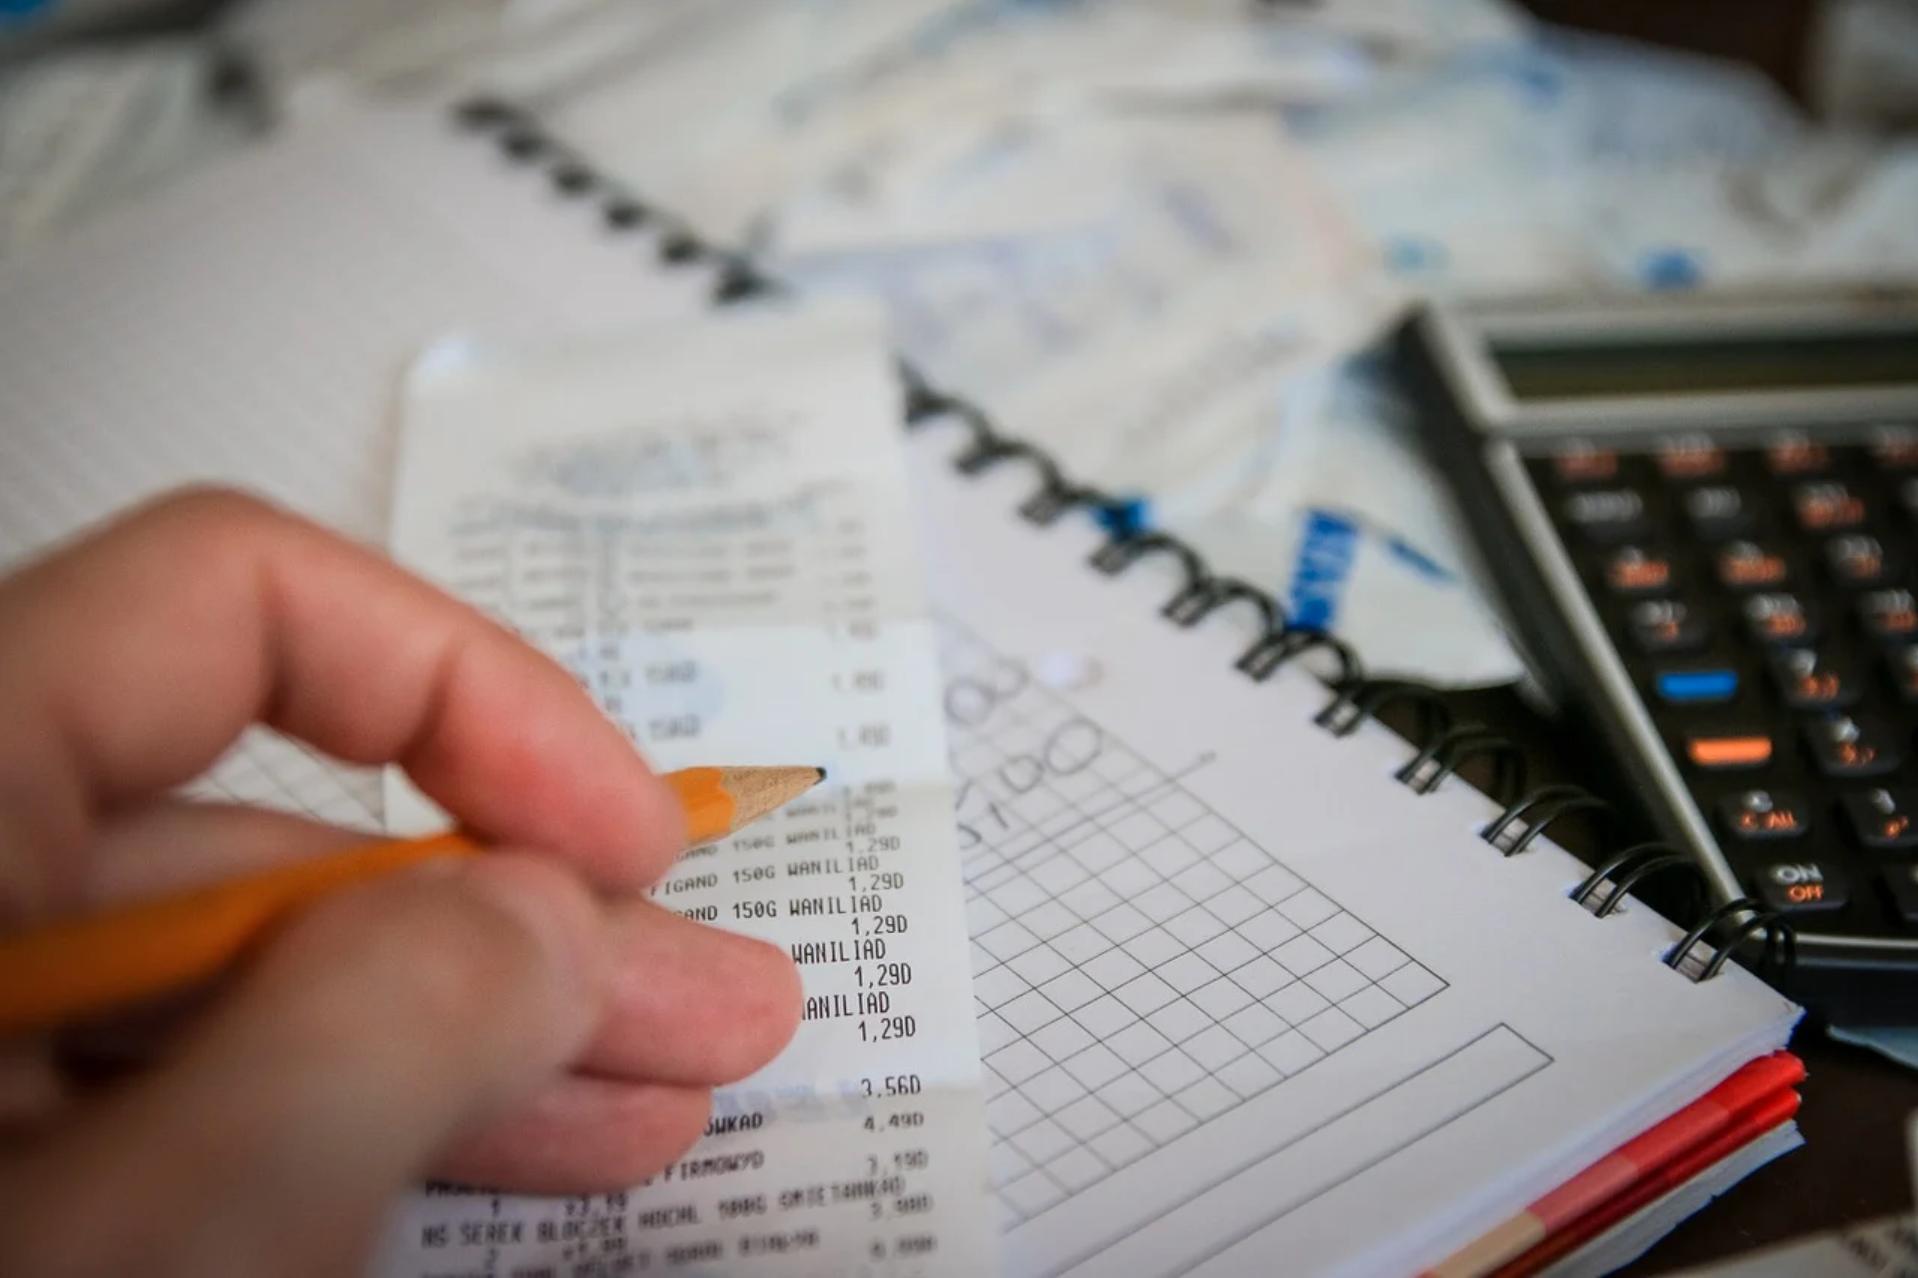 Účetní nebo daňový poradce? Výběr toho správného odborníka může být pro naši firmu klíčový